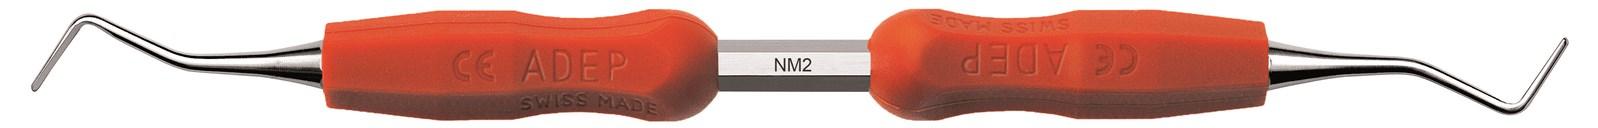 Lžičkové dlátko - NM2, ADEP tmavě modrý